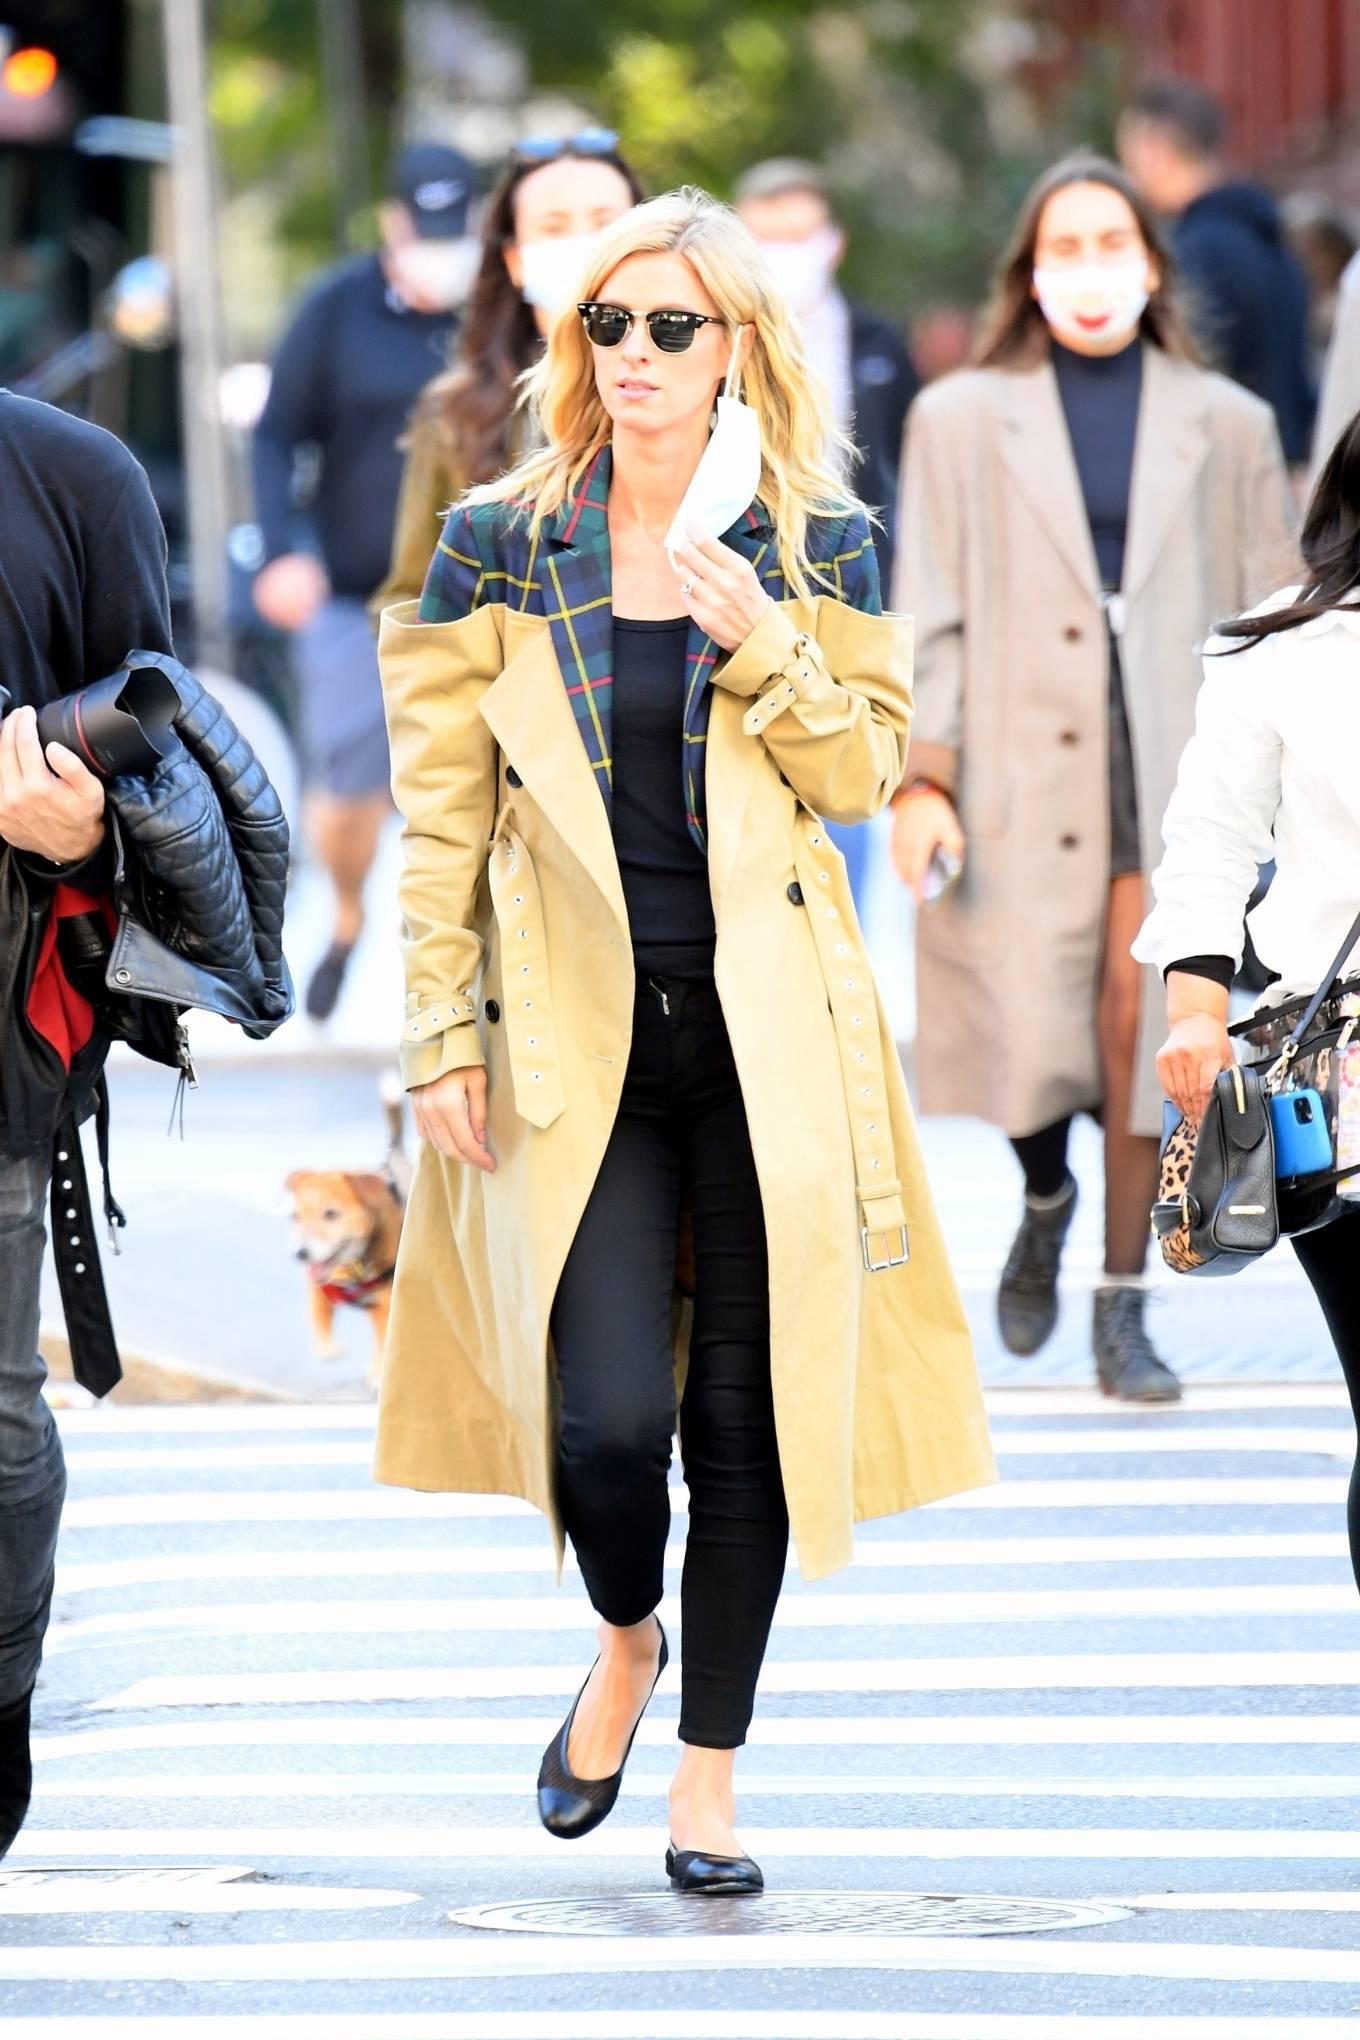 Nicky Hilton 2020 : Nicky Hilton – Photoshoot candids in SoHo-02